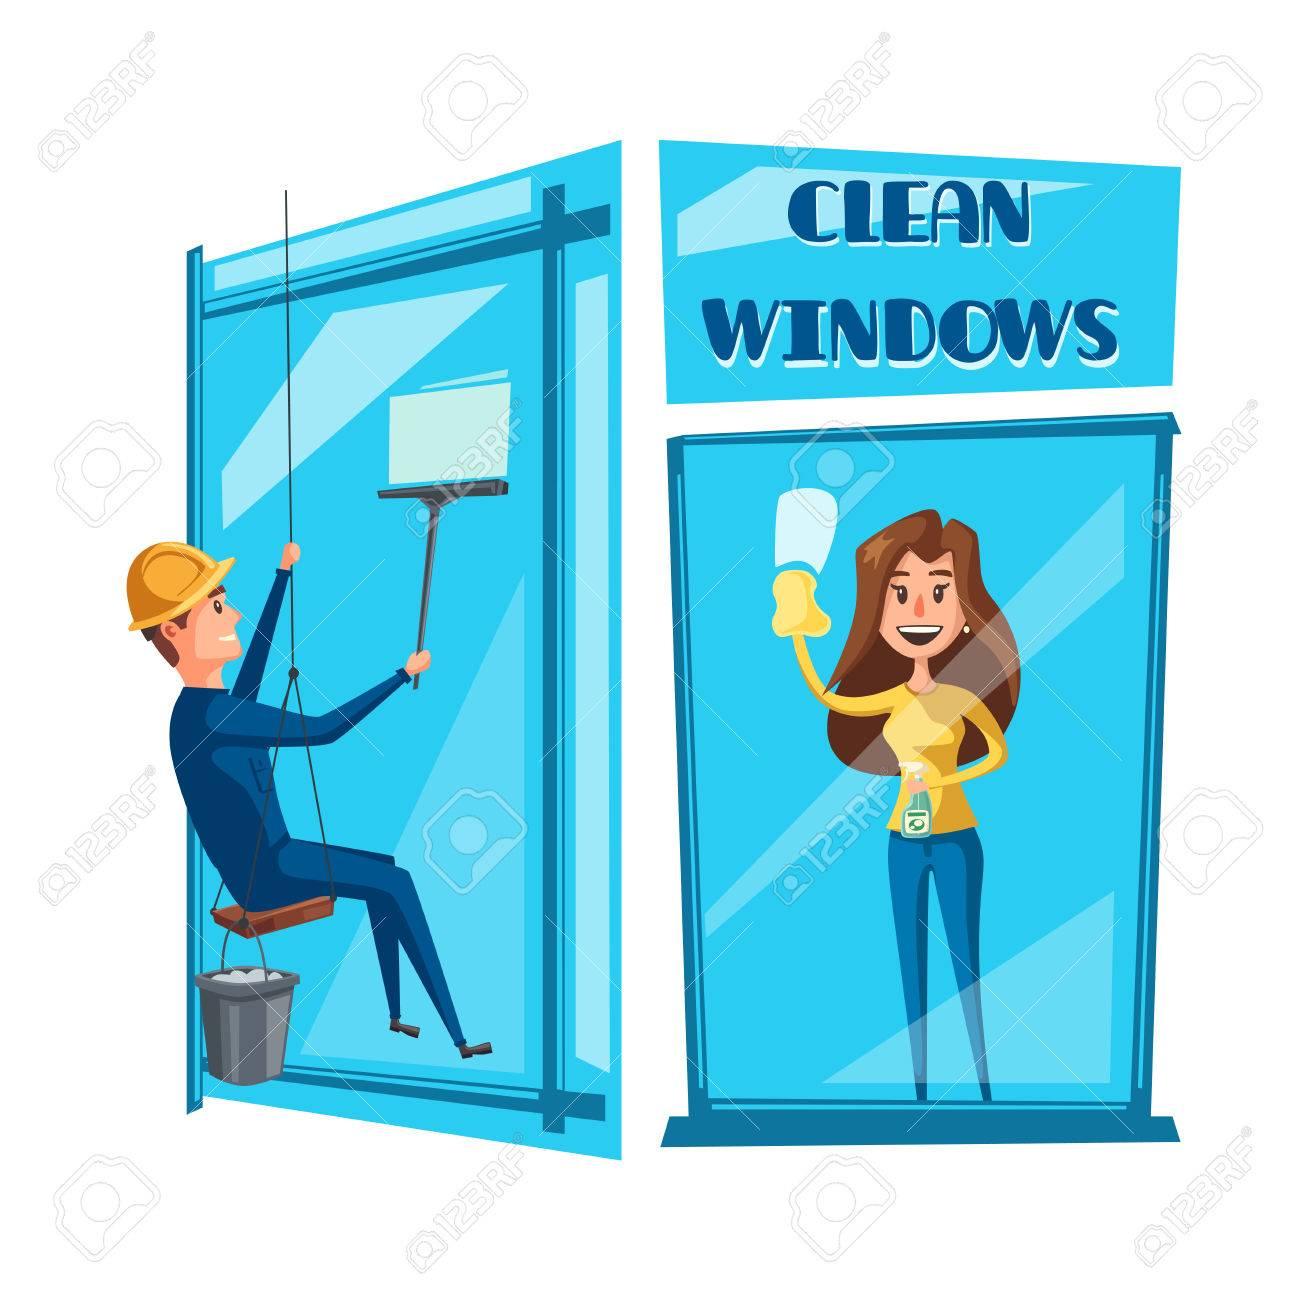 Jeu Dicônes De Nettoyage De Fenêtre Laveur De Vitres Dans Une Fenêtre De Bureau De Nettoyage Uniforme Avec Une Raclette Et Une Fenêtre De Lavage De